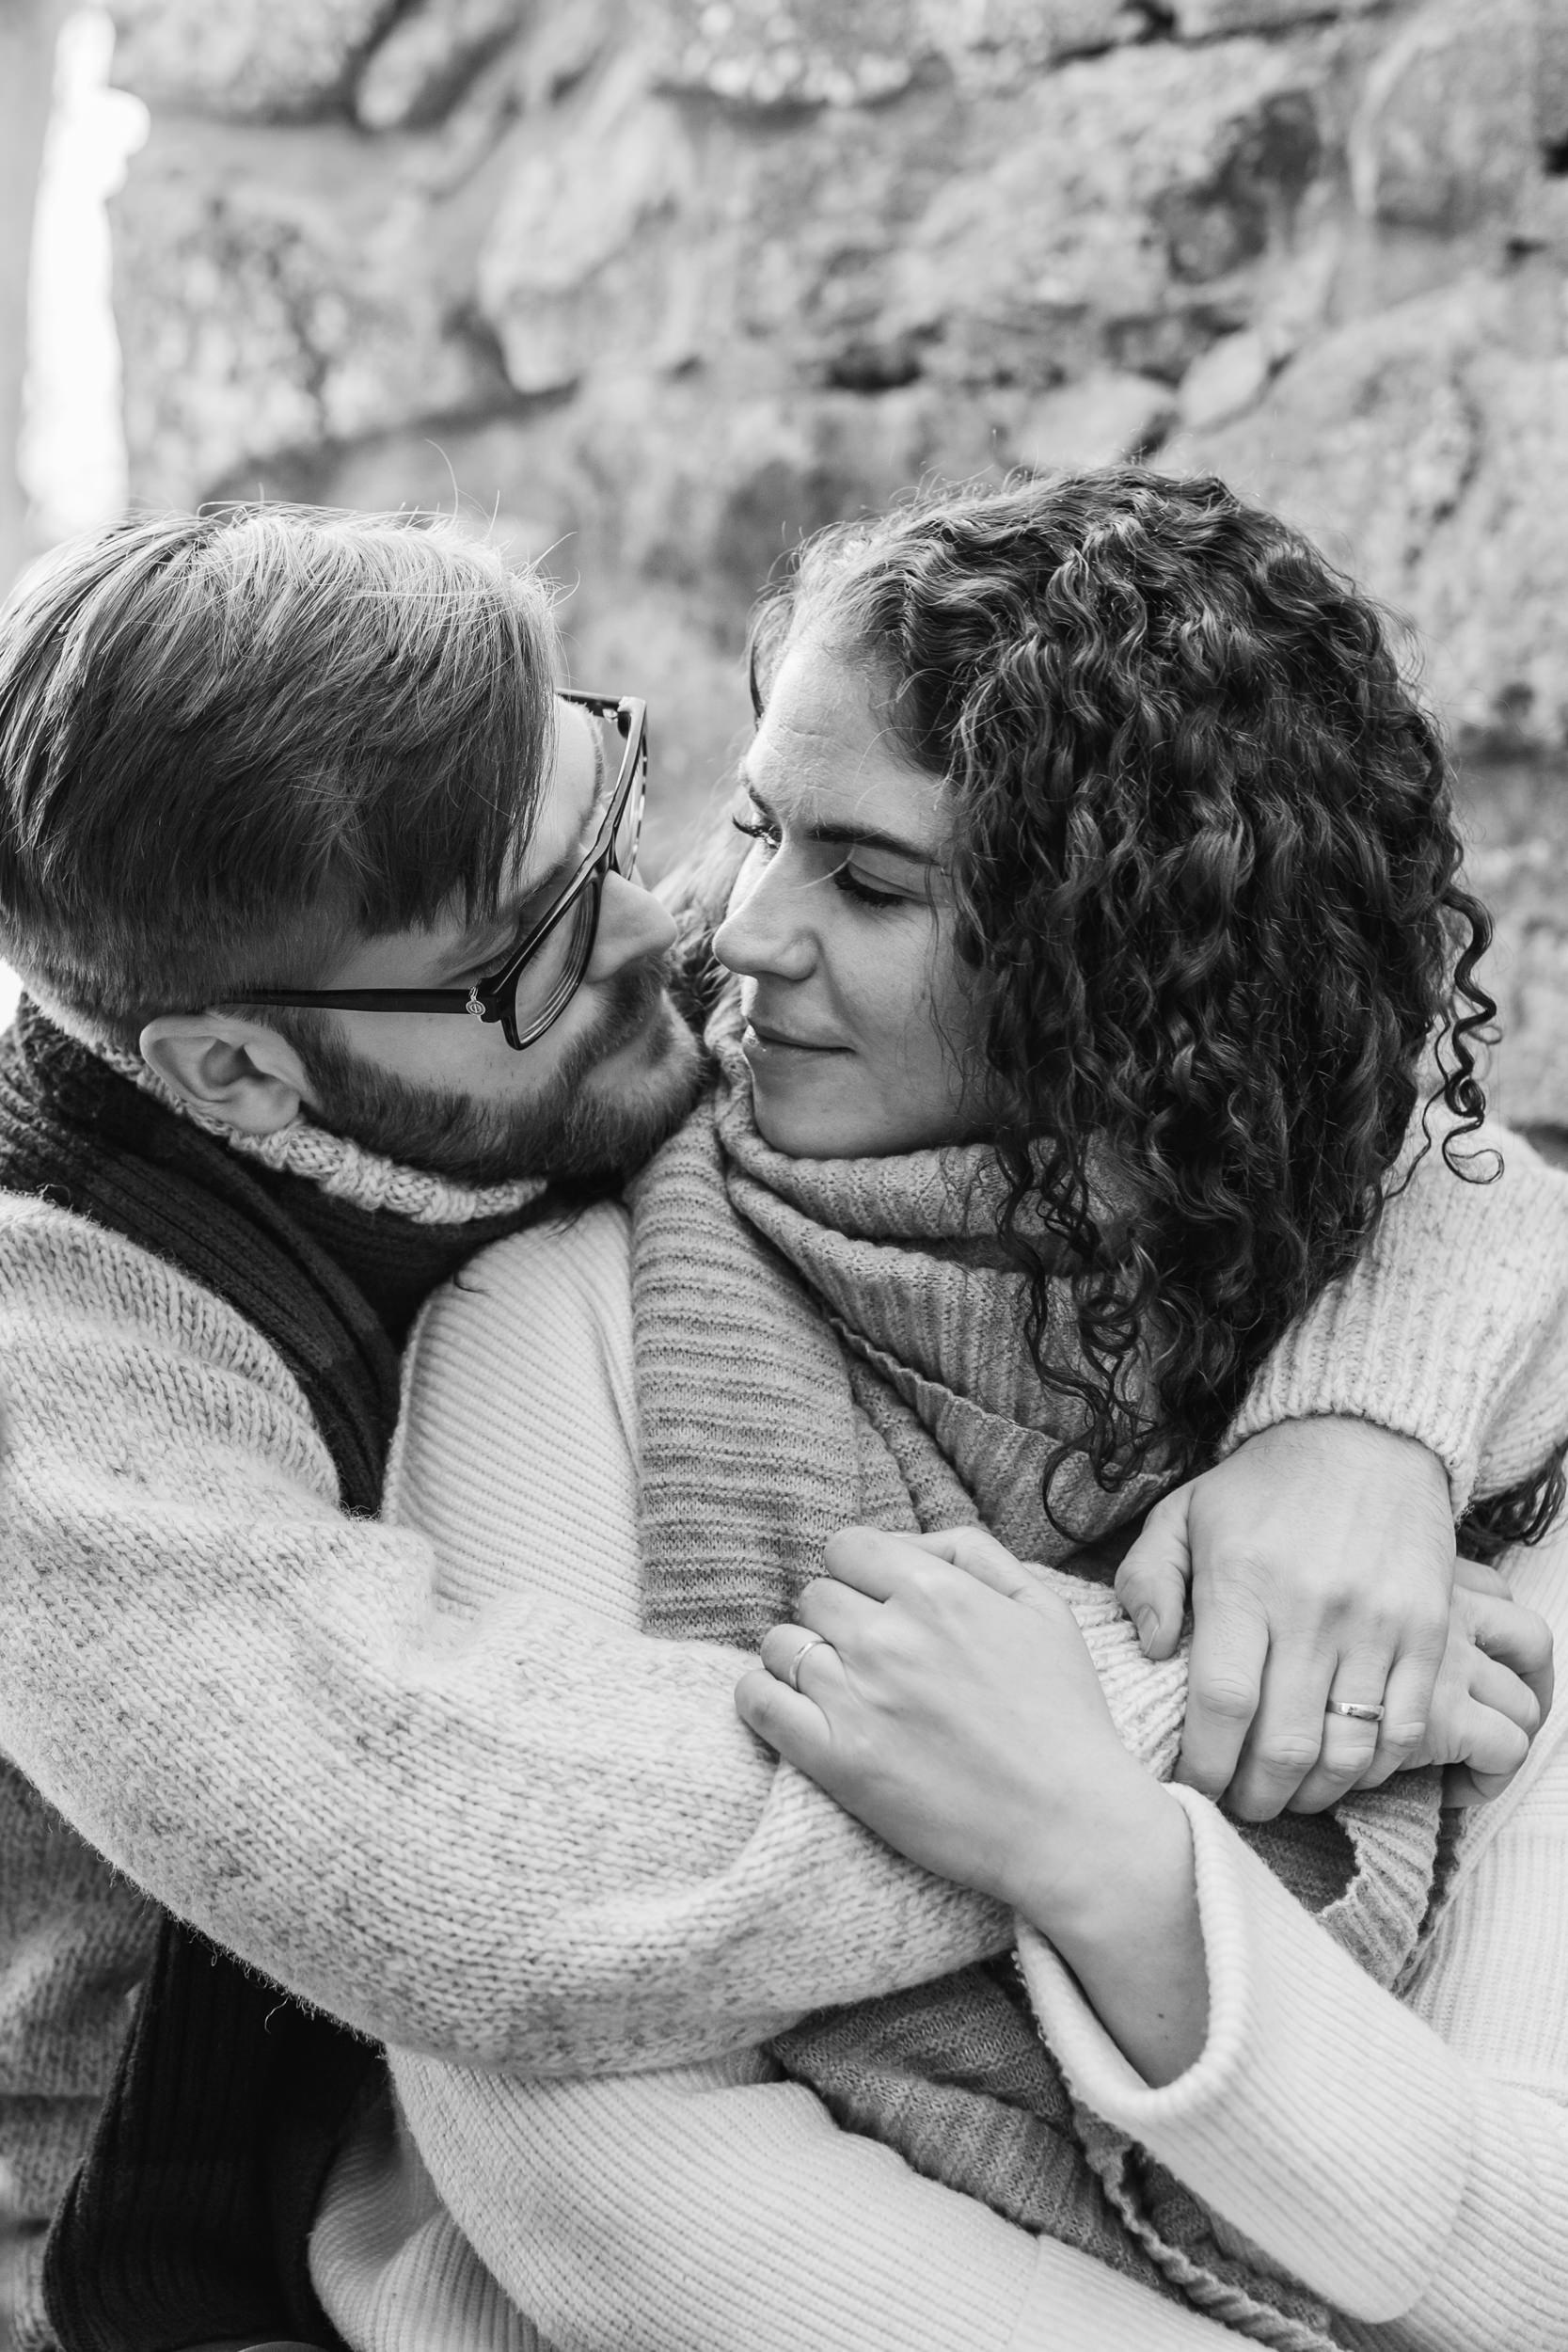 Provfotografering innan bröllop på Gotland